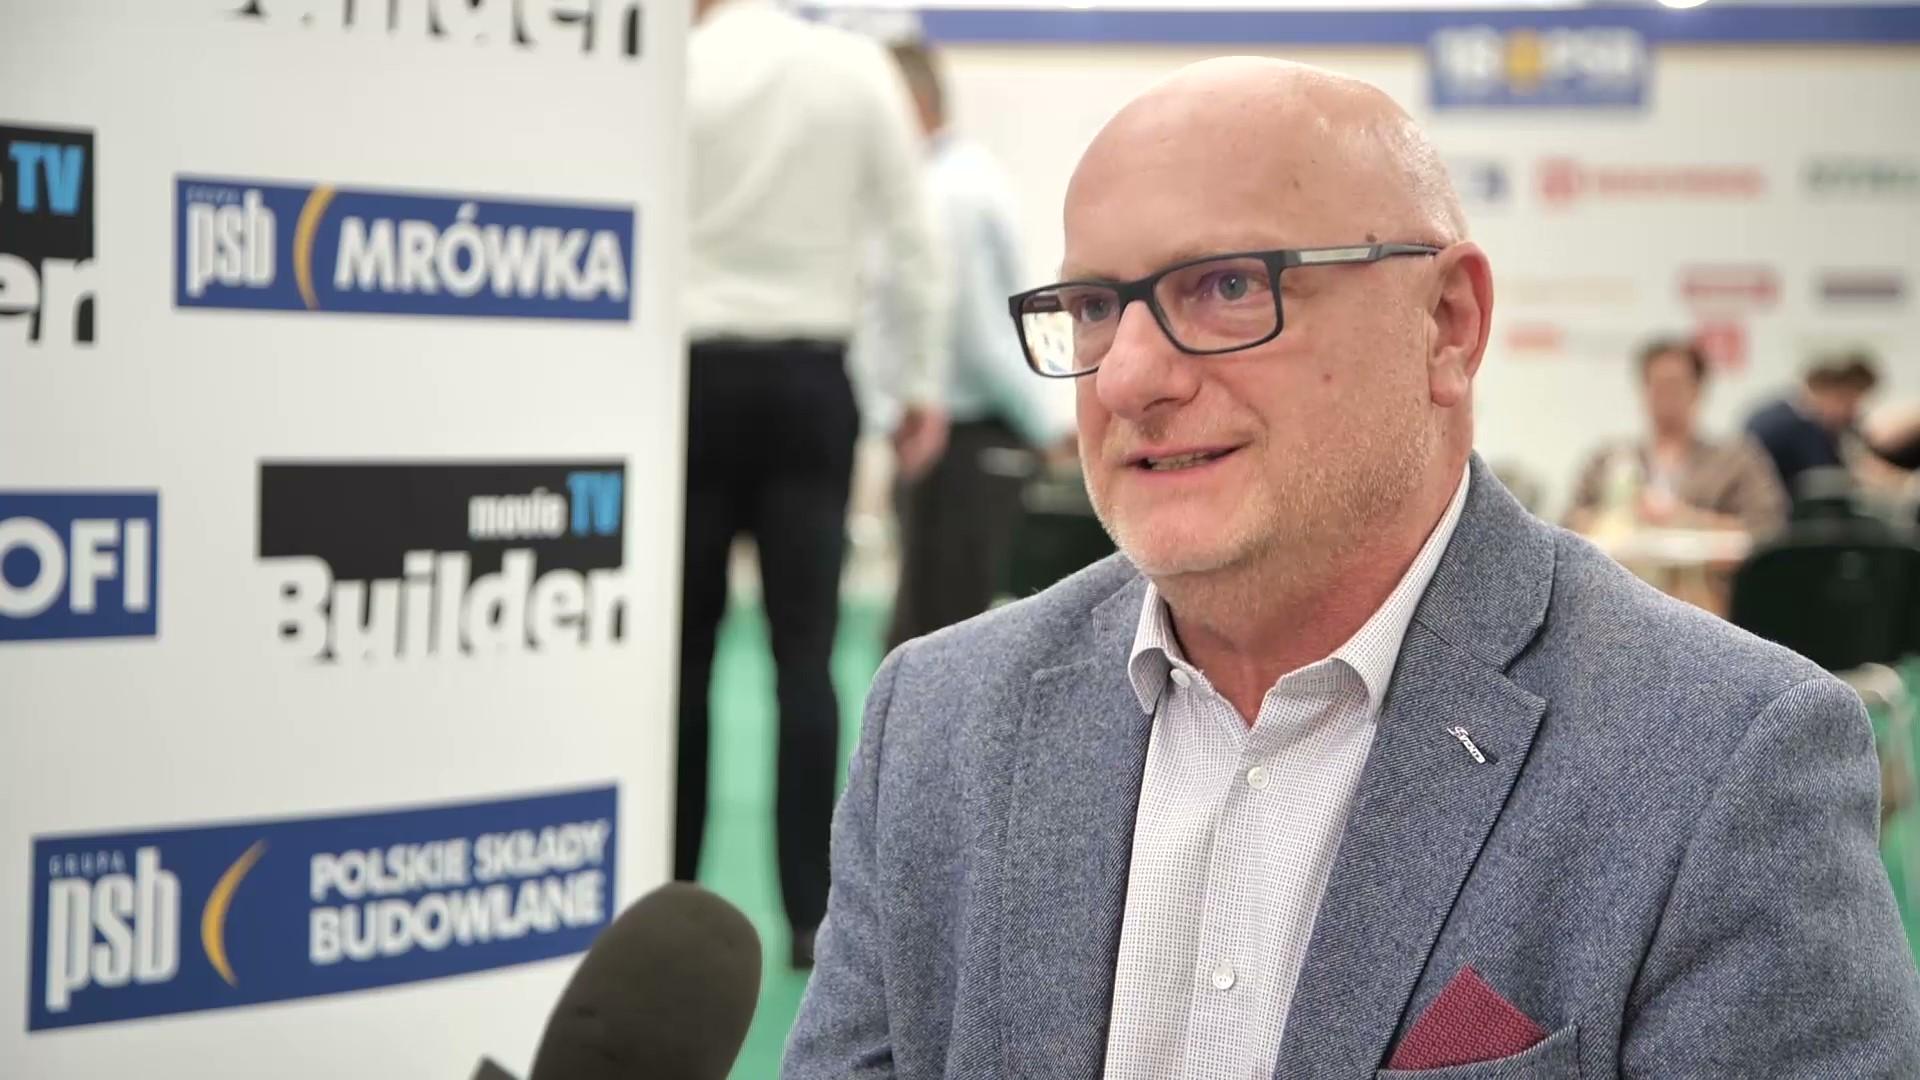 TARGI GRUPY PSB 2020 – MAREK ŁOJEWSKI, VENTS GROUP SP. Z O.O.